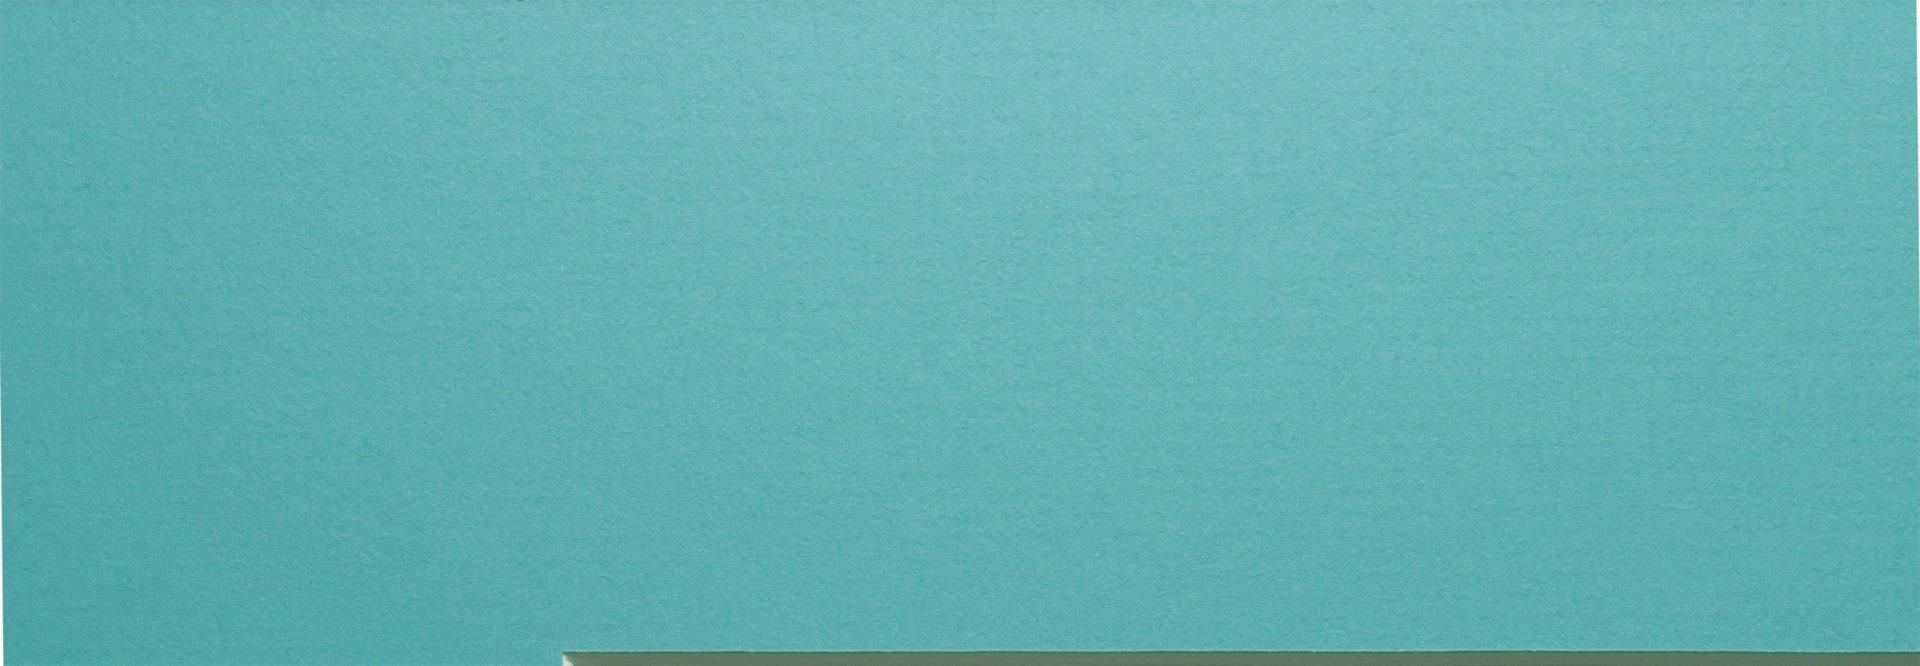 SRM 1080 Bimini Blue